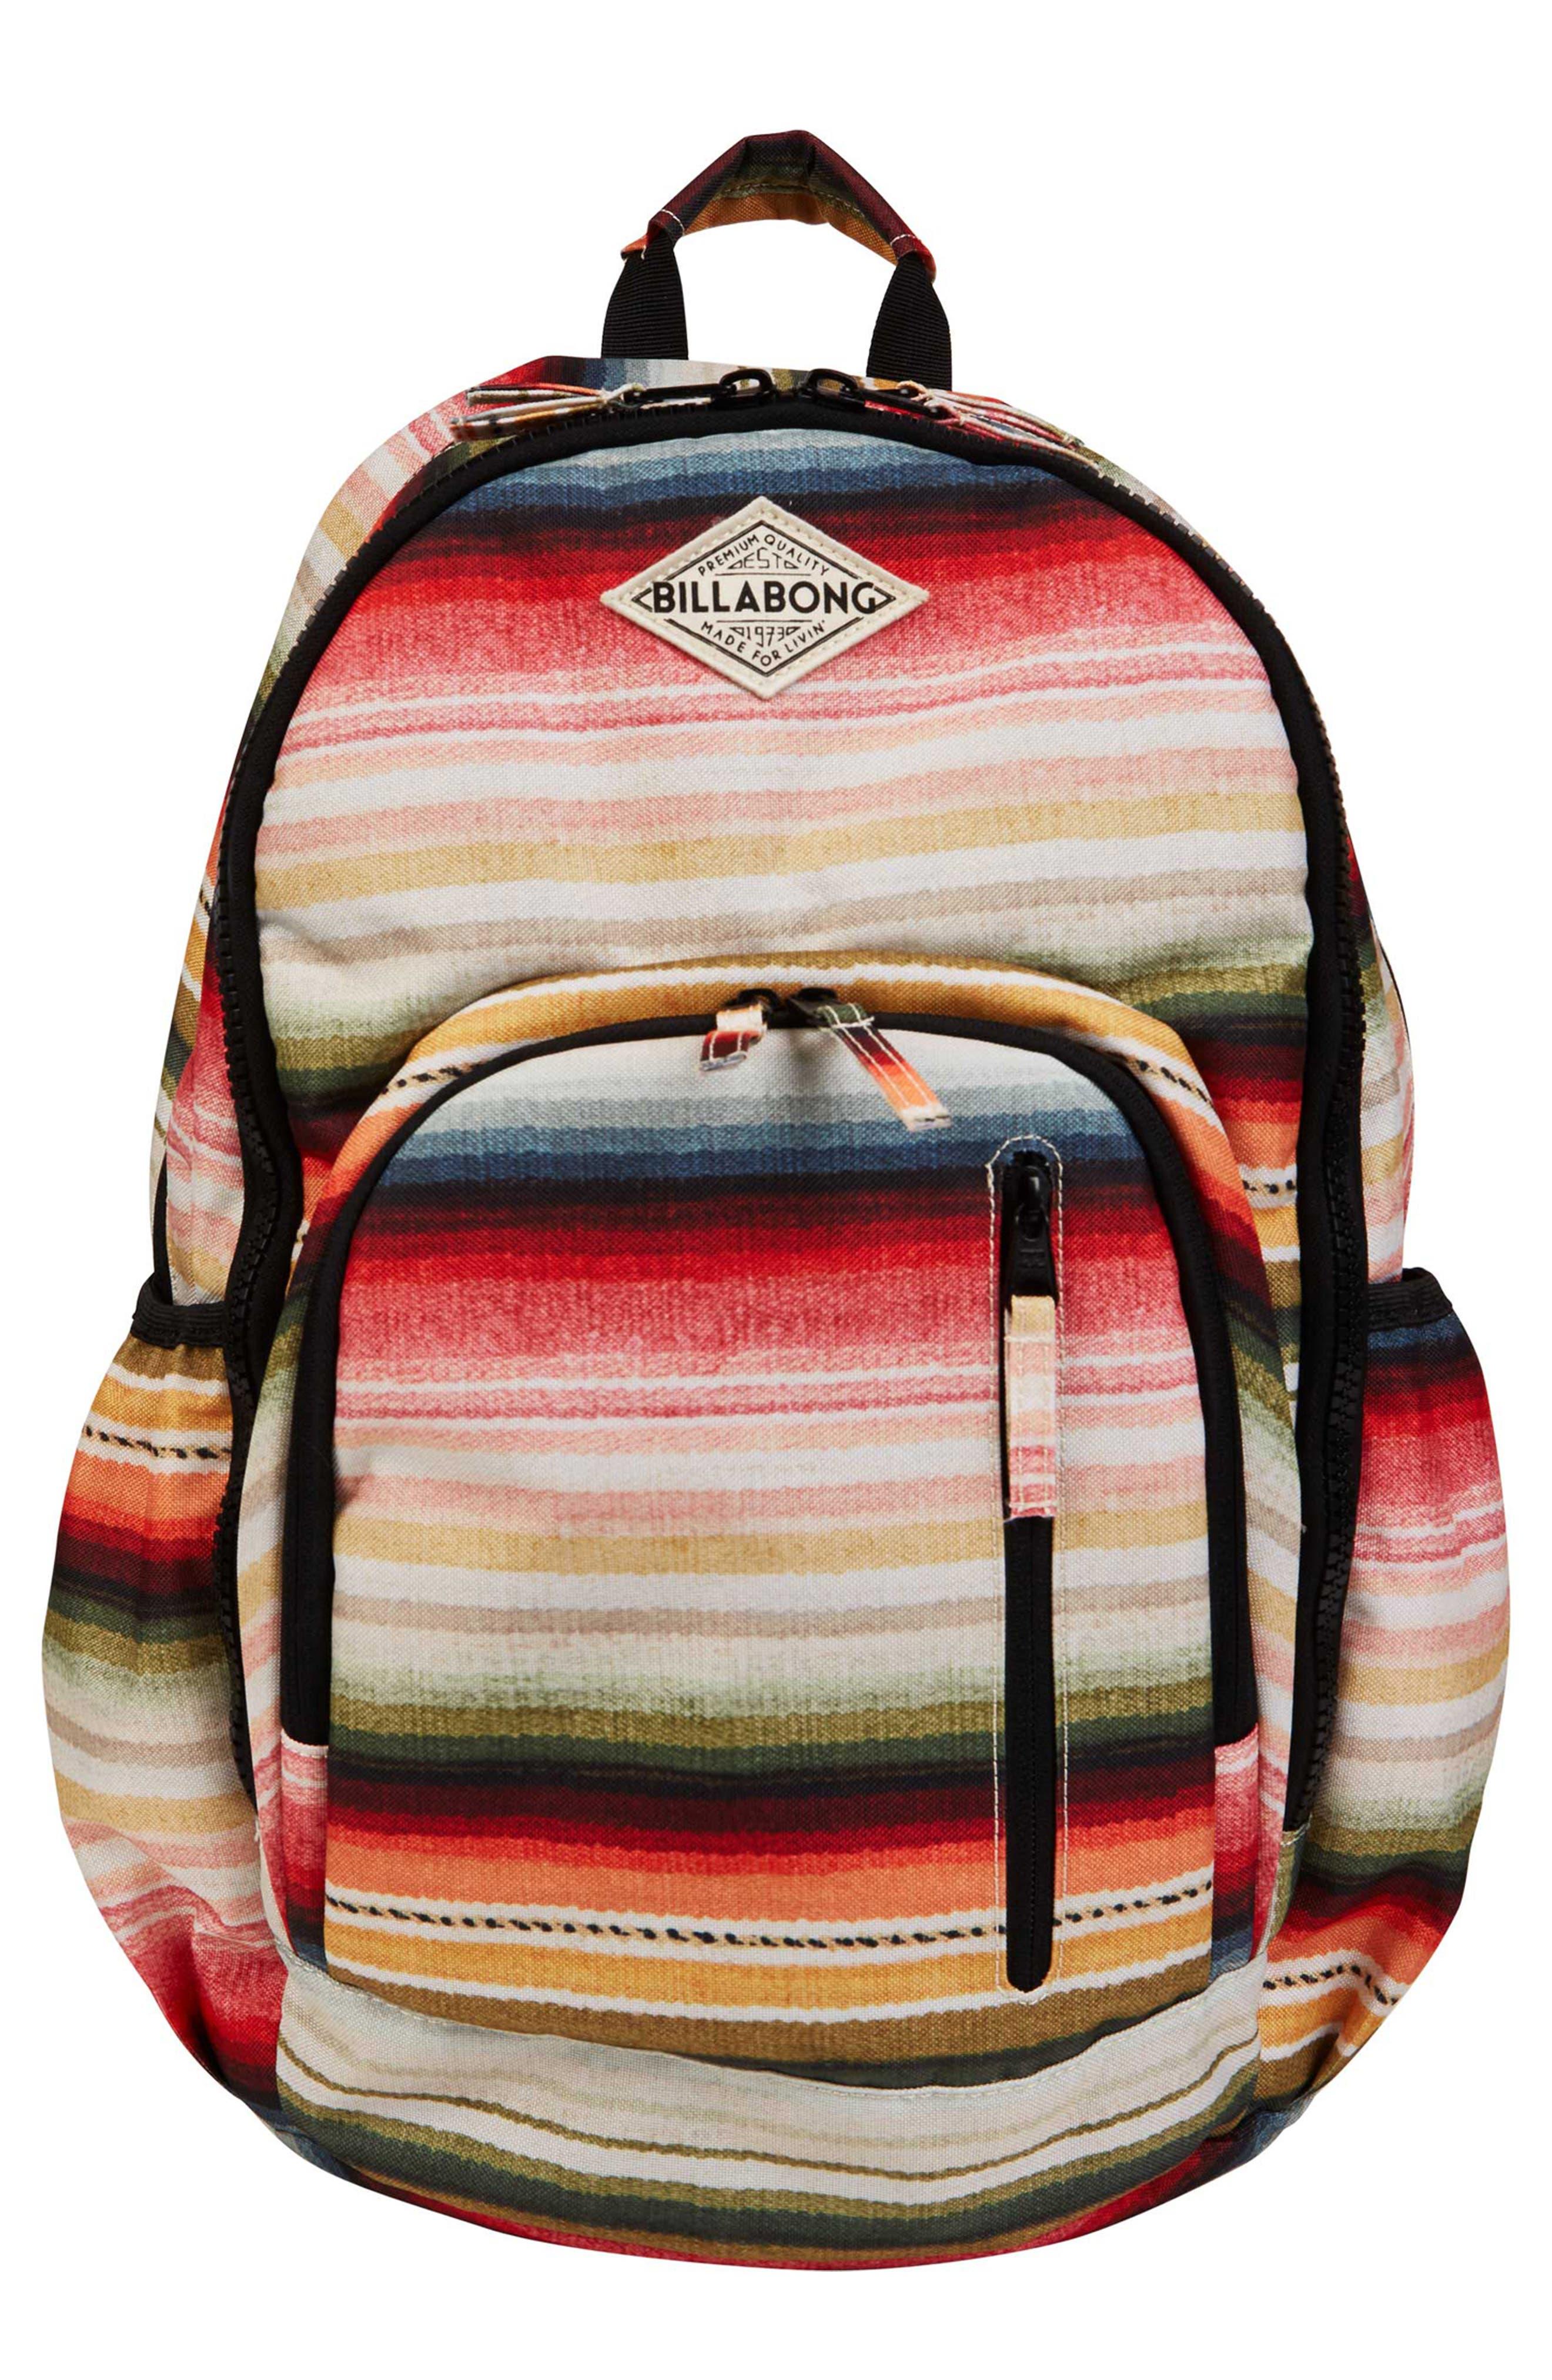 Billabong Roadie Backpack - Coral